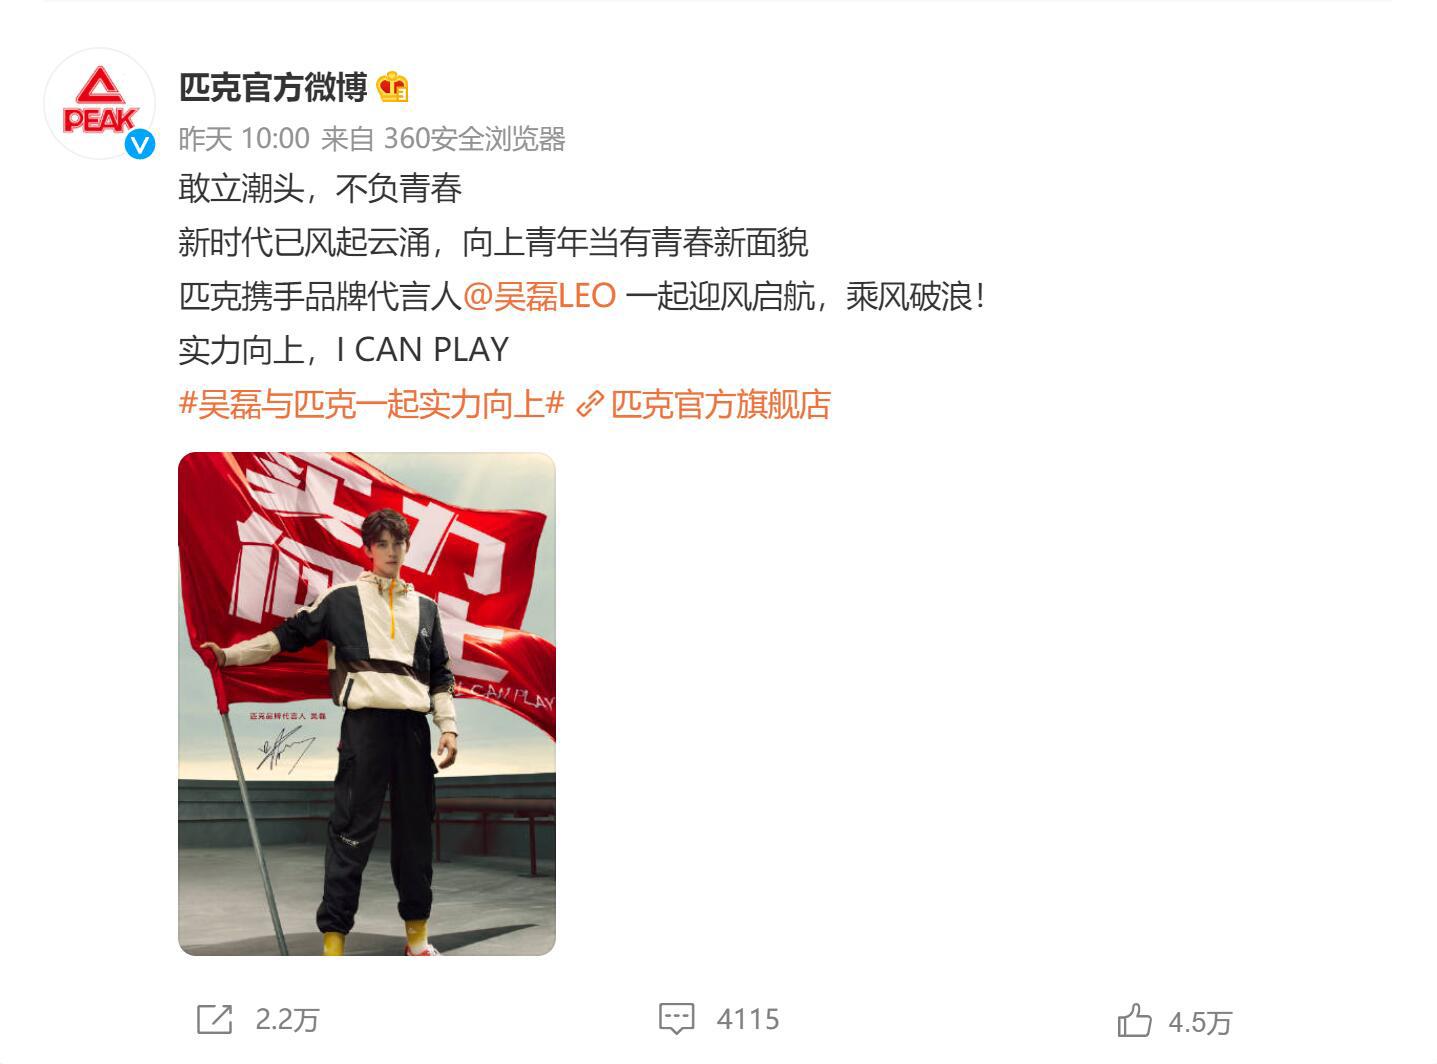 吴磊,匹克  官宣了!吴磊成为匹克「品牌代言人」!同款上架!